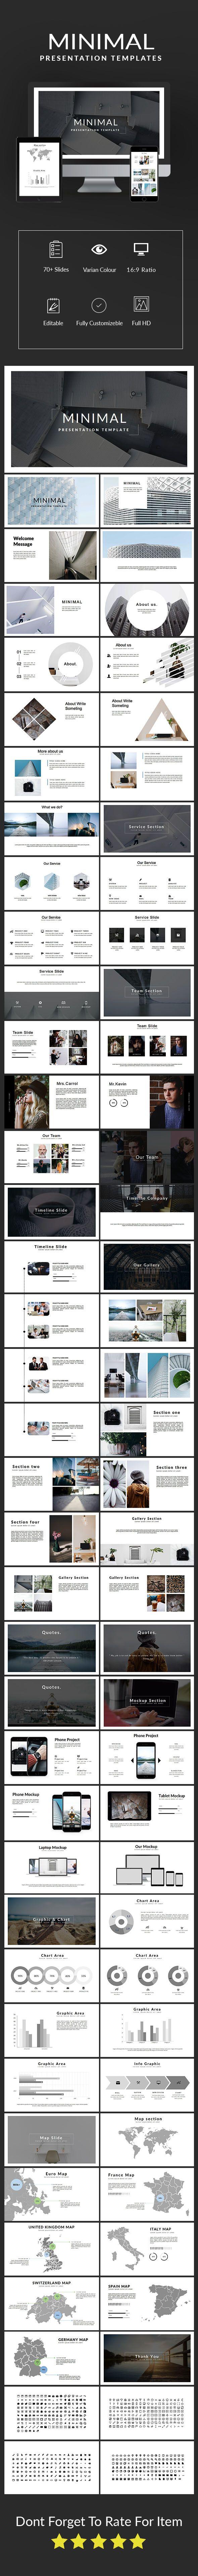 Minimal #Presentation Template - #Keynote #Templates Presentation Templates Download here: https://graphicriver.net/item/minimal-presentation-template/19334239?ref=alena994